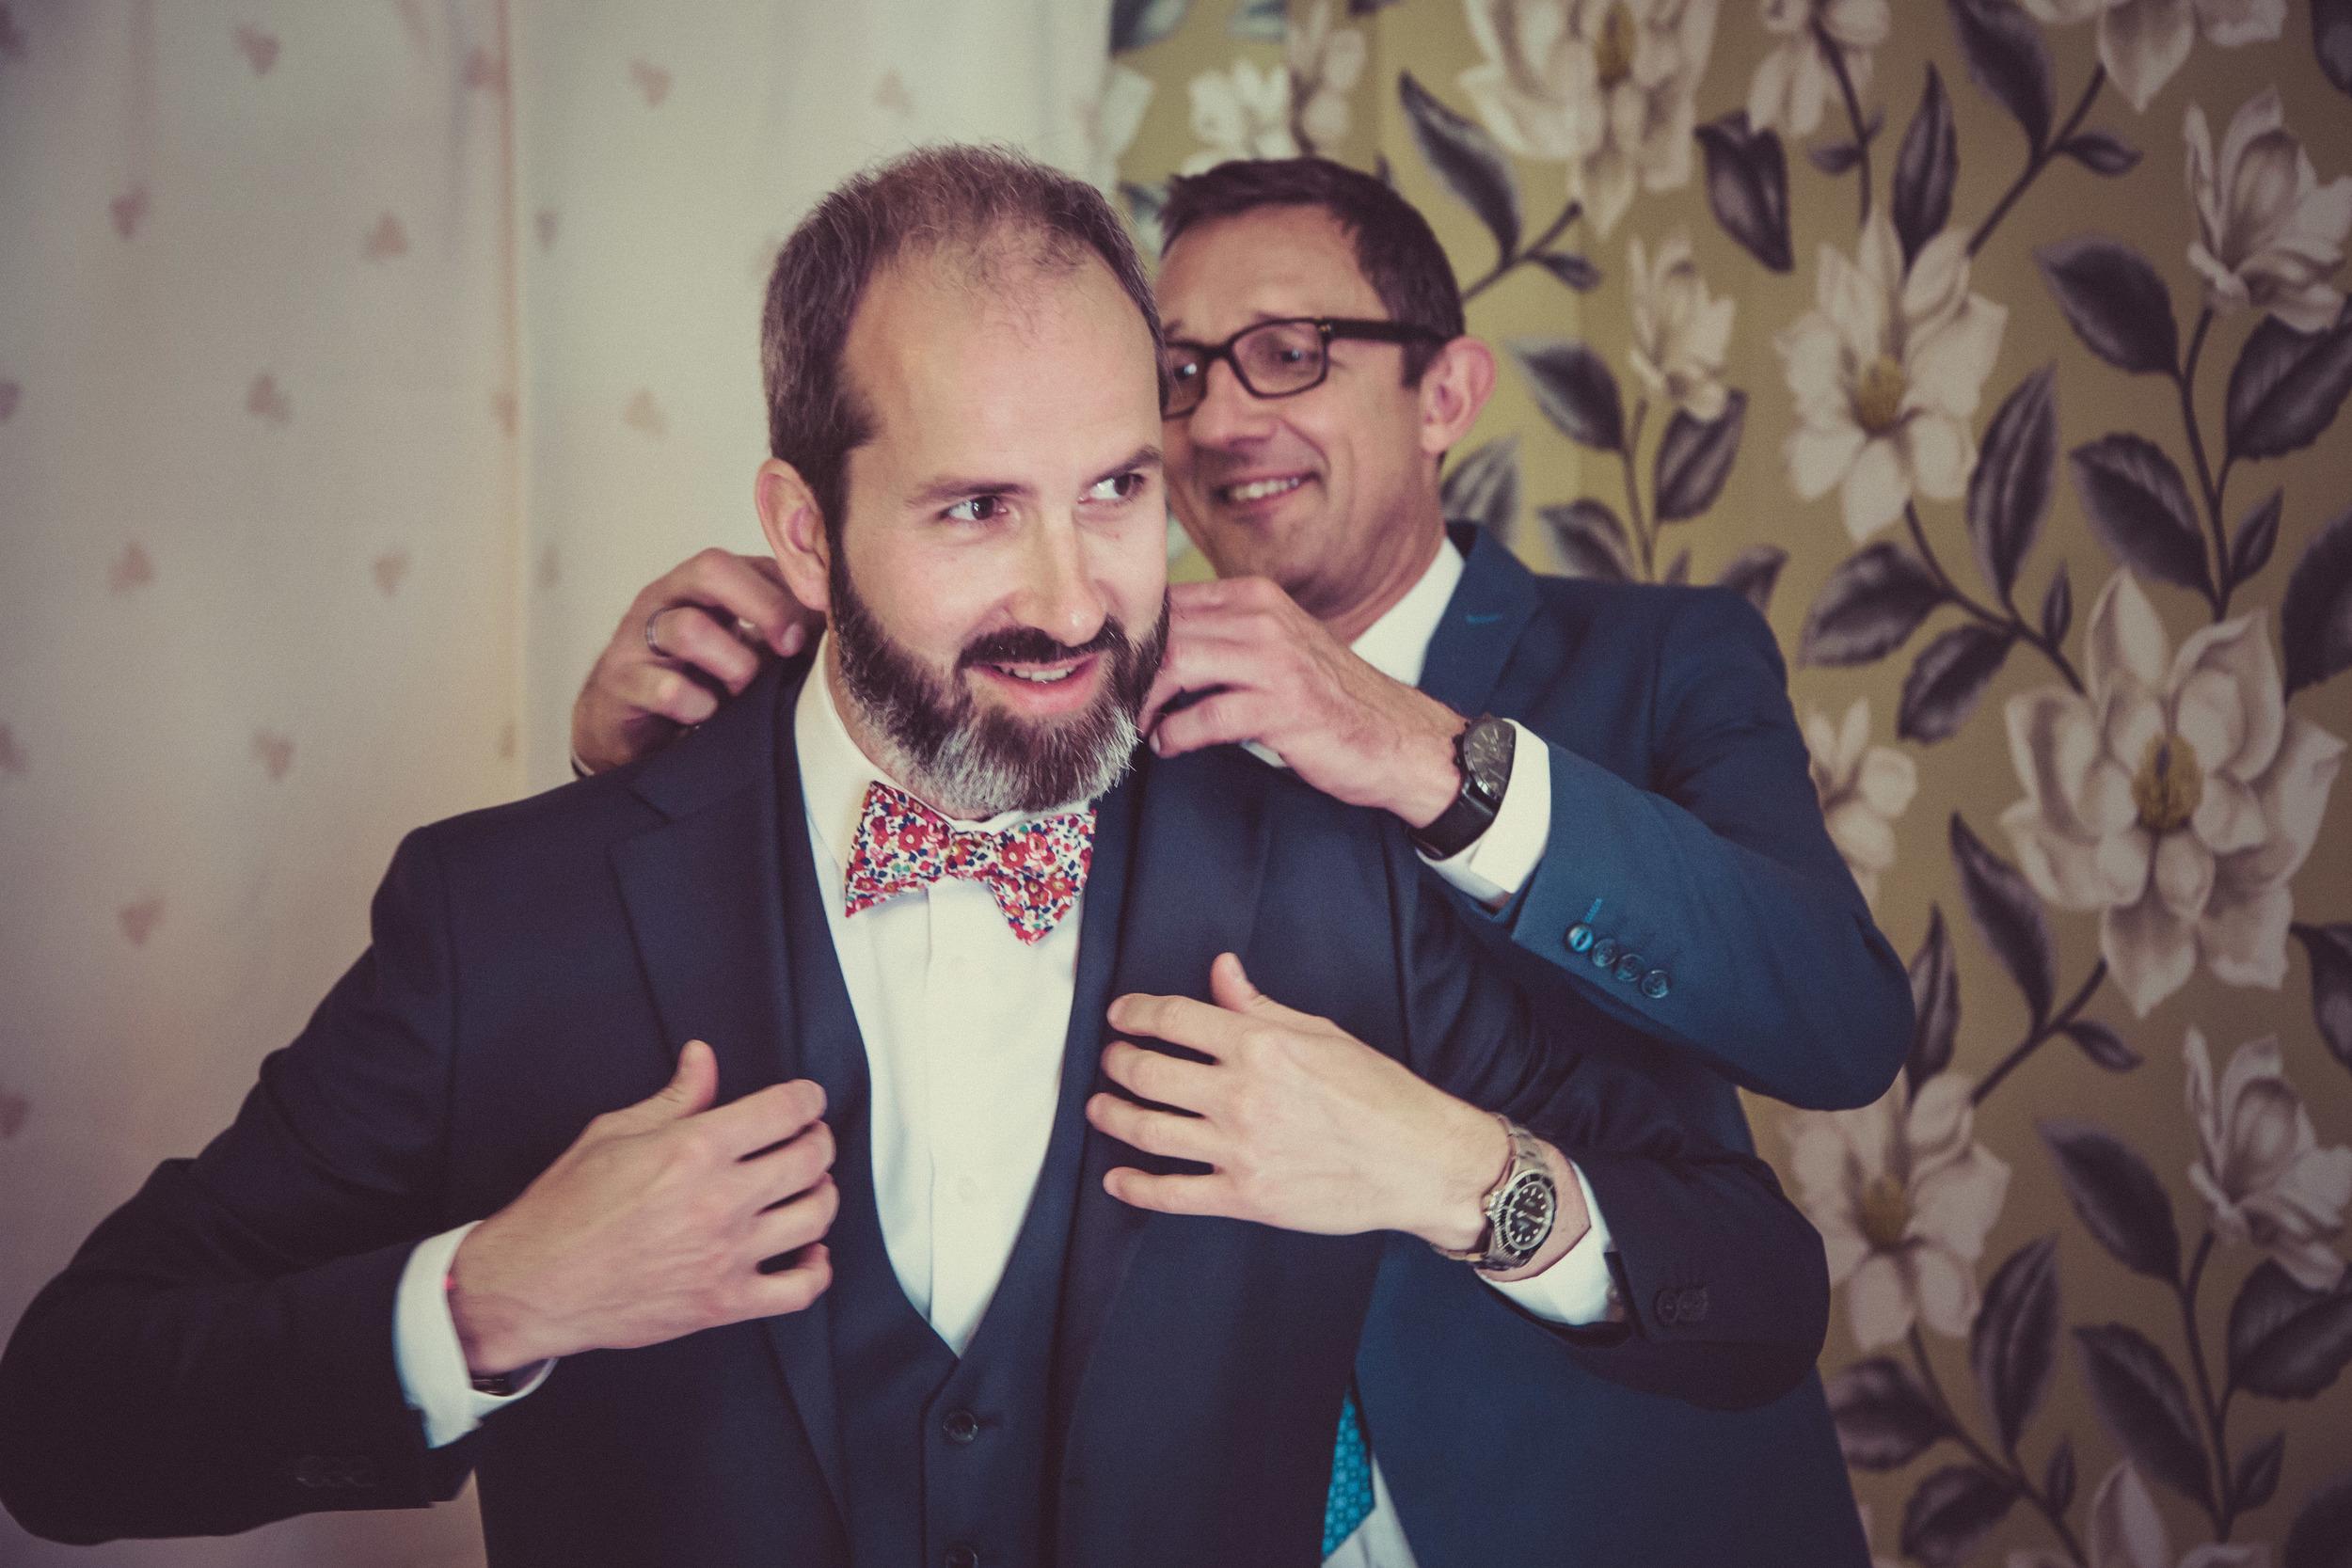 Photographe mariage Orleans - La Sologne-27.jpg